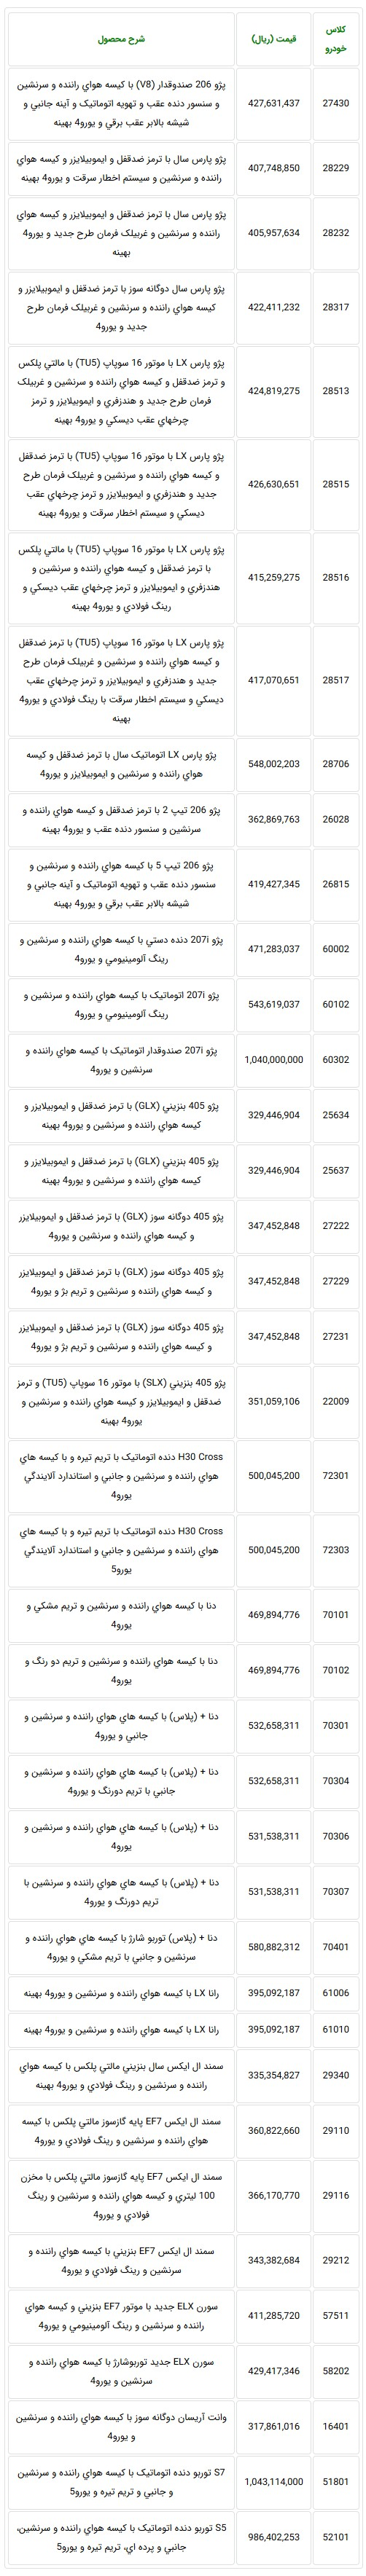 اعلام لیست قیمت کارخانه ای محصولات ایران خودرو - آذر 97